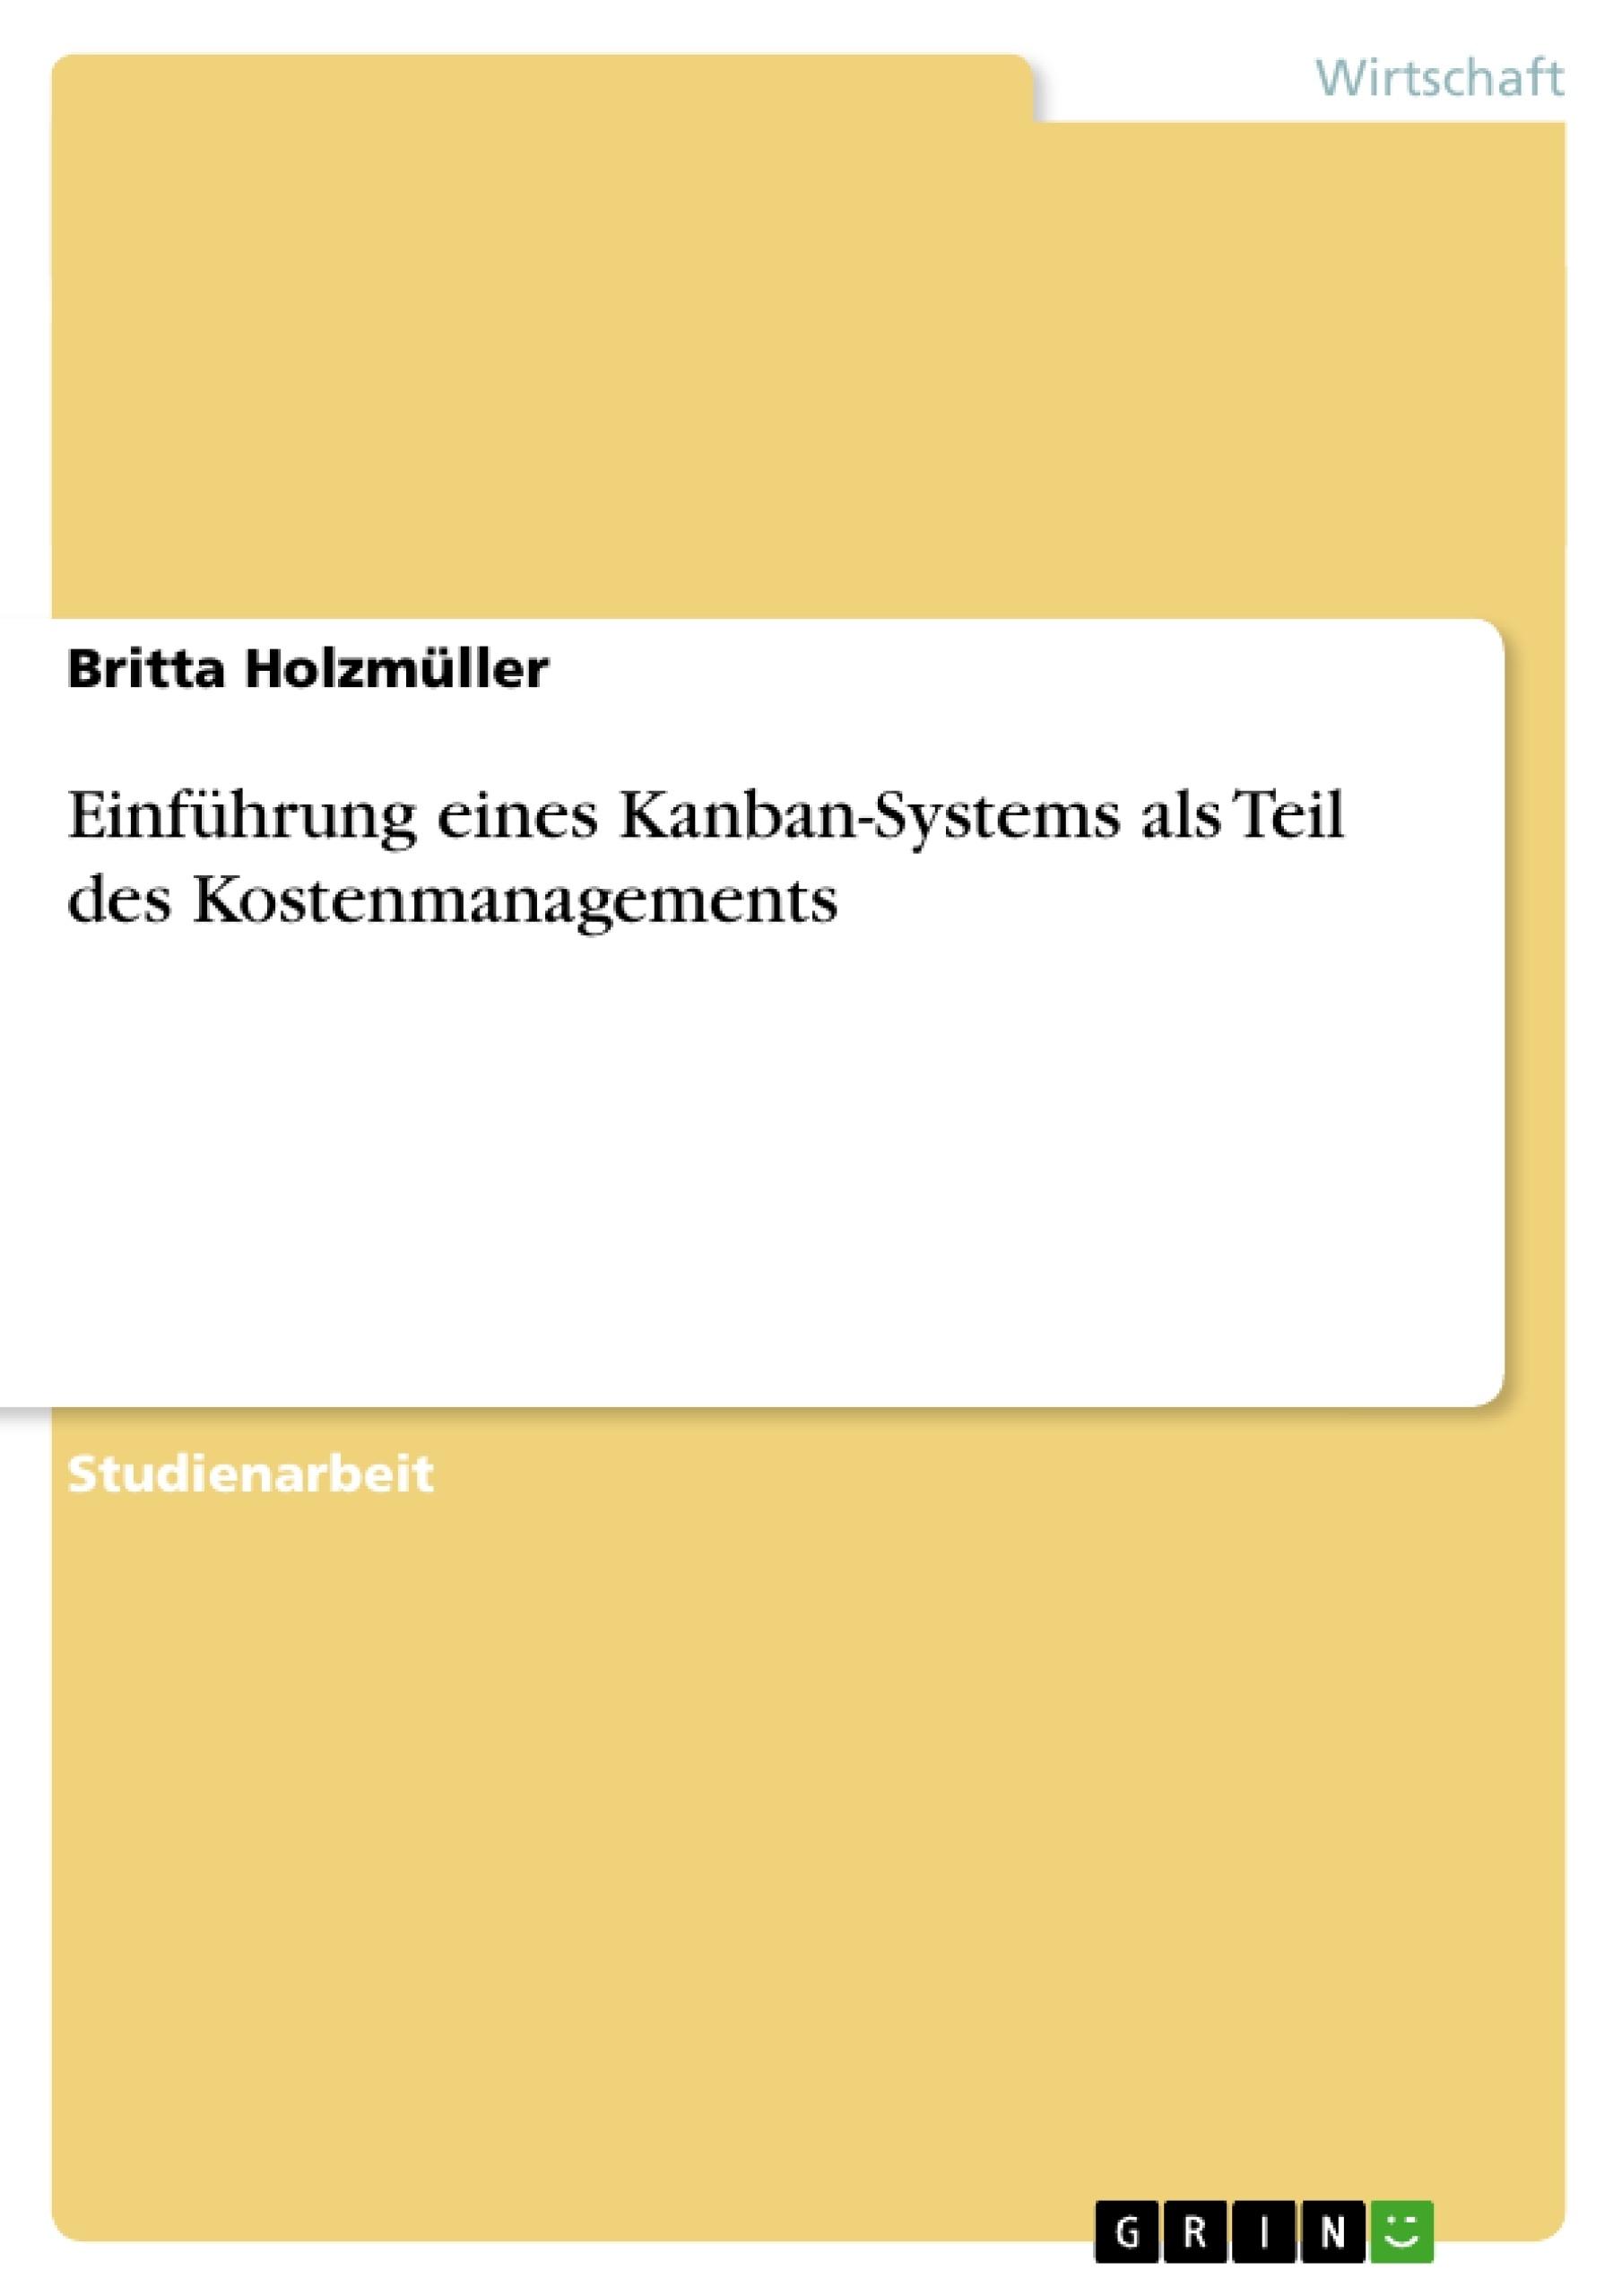 Titel: Einführung eines Kanban-Systems als Teil des Kostenmanagements